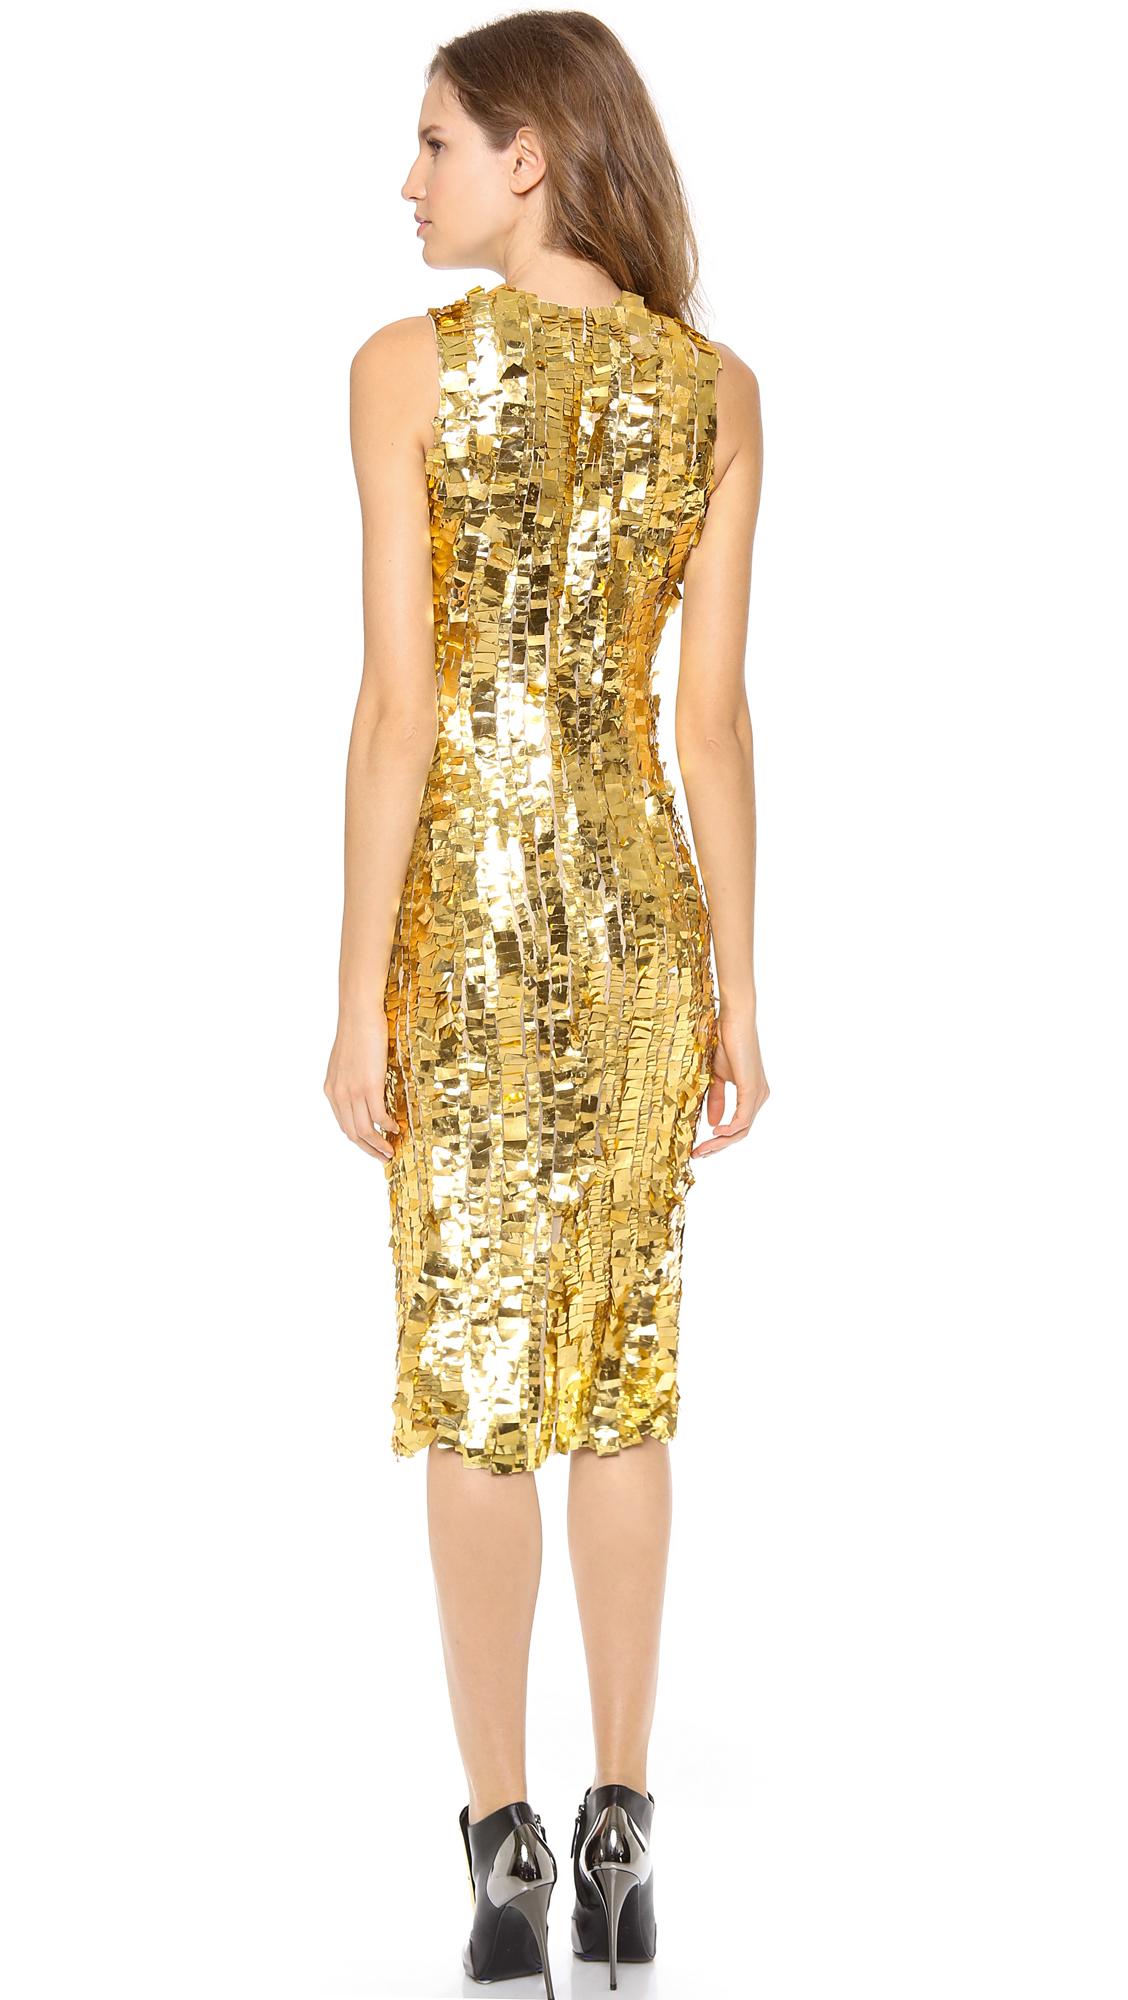 Wes gordon Silk Sheath Dress in Metallic | Lyst